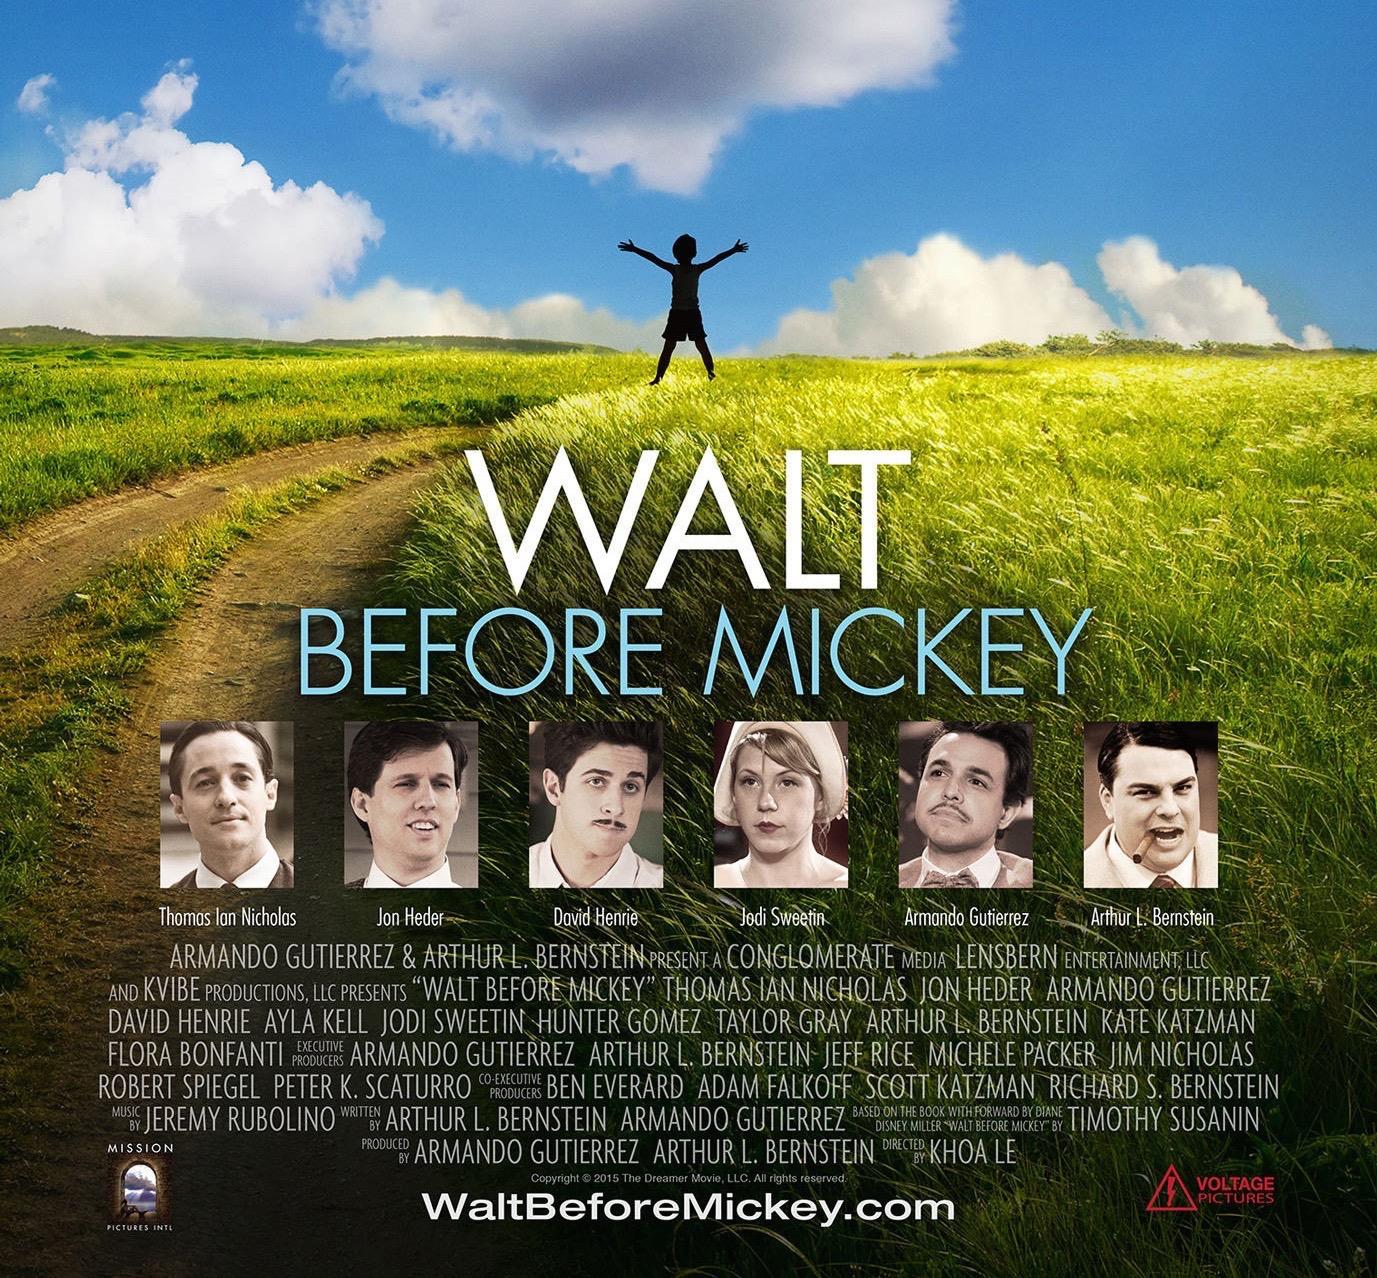 30filmes30dias_walt antes do mickey_leitura na rede_1